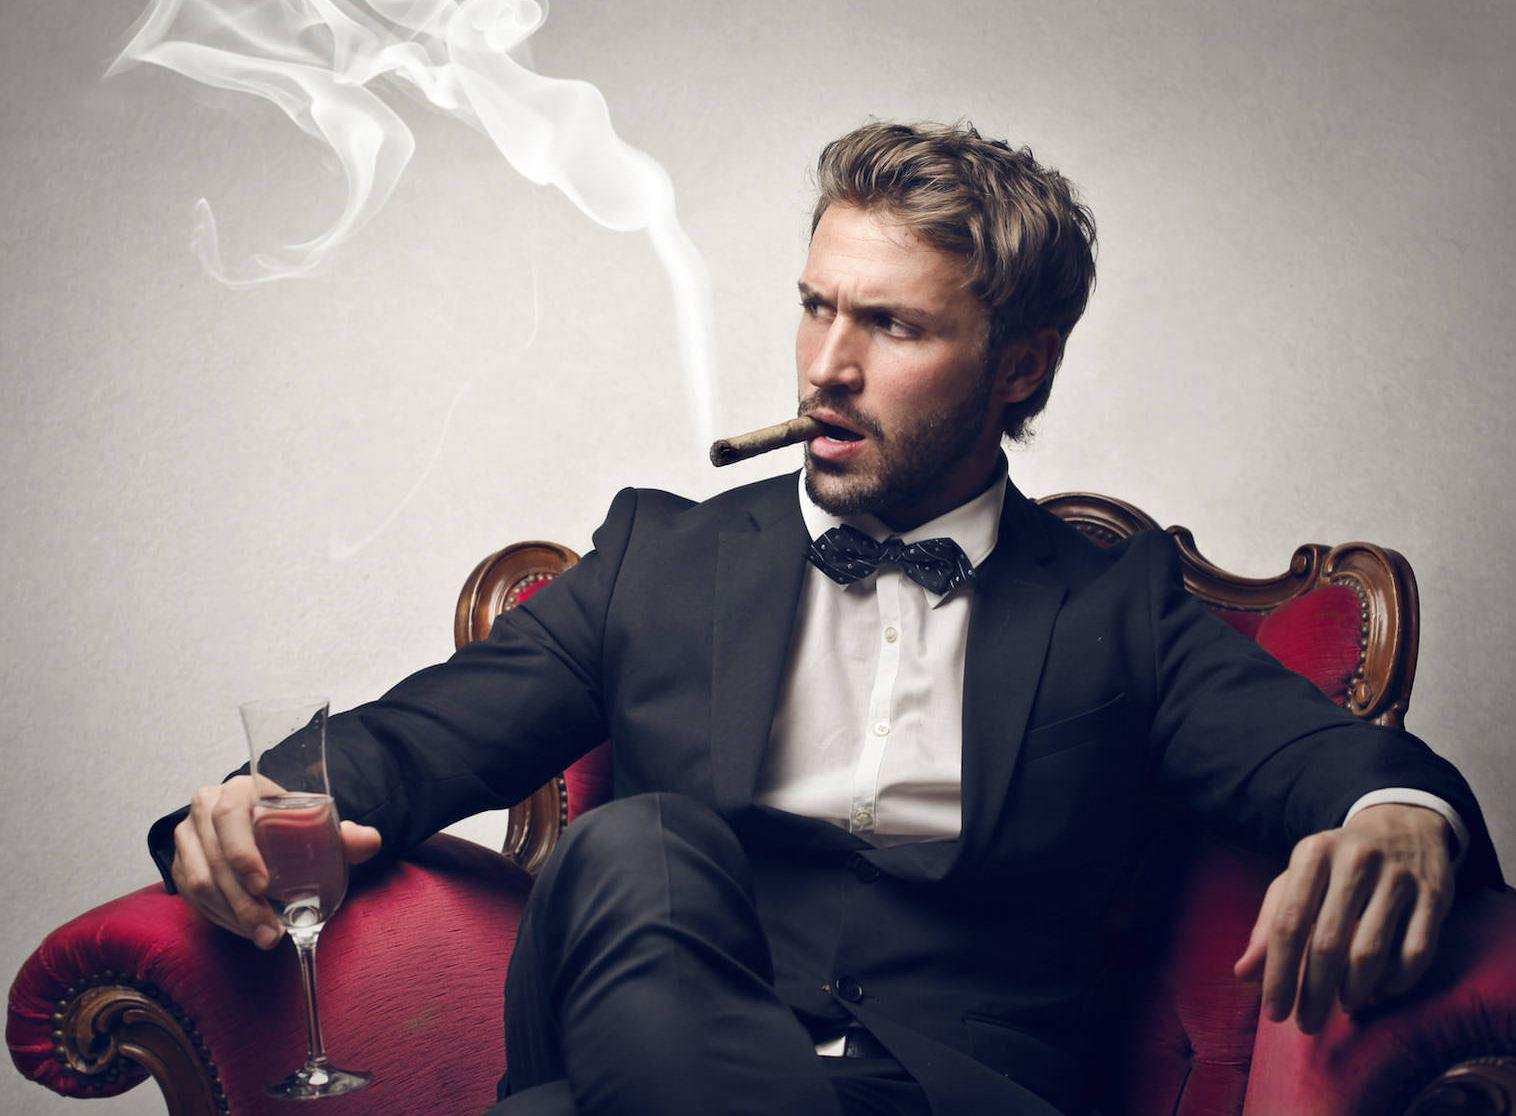 Запах табака в квартире (сигарет, табачный): как избавиться, убрать?